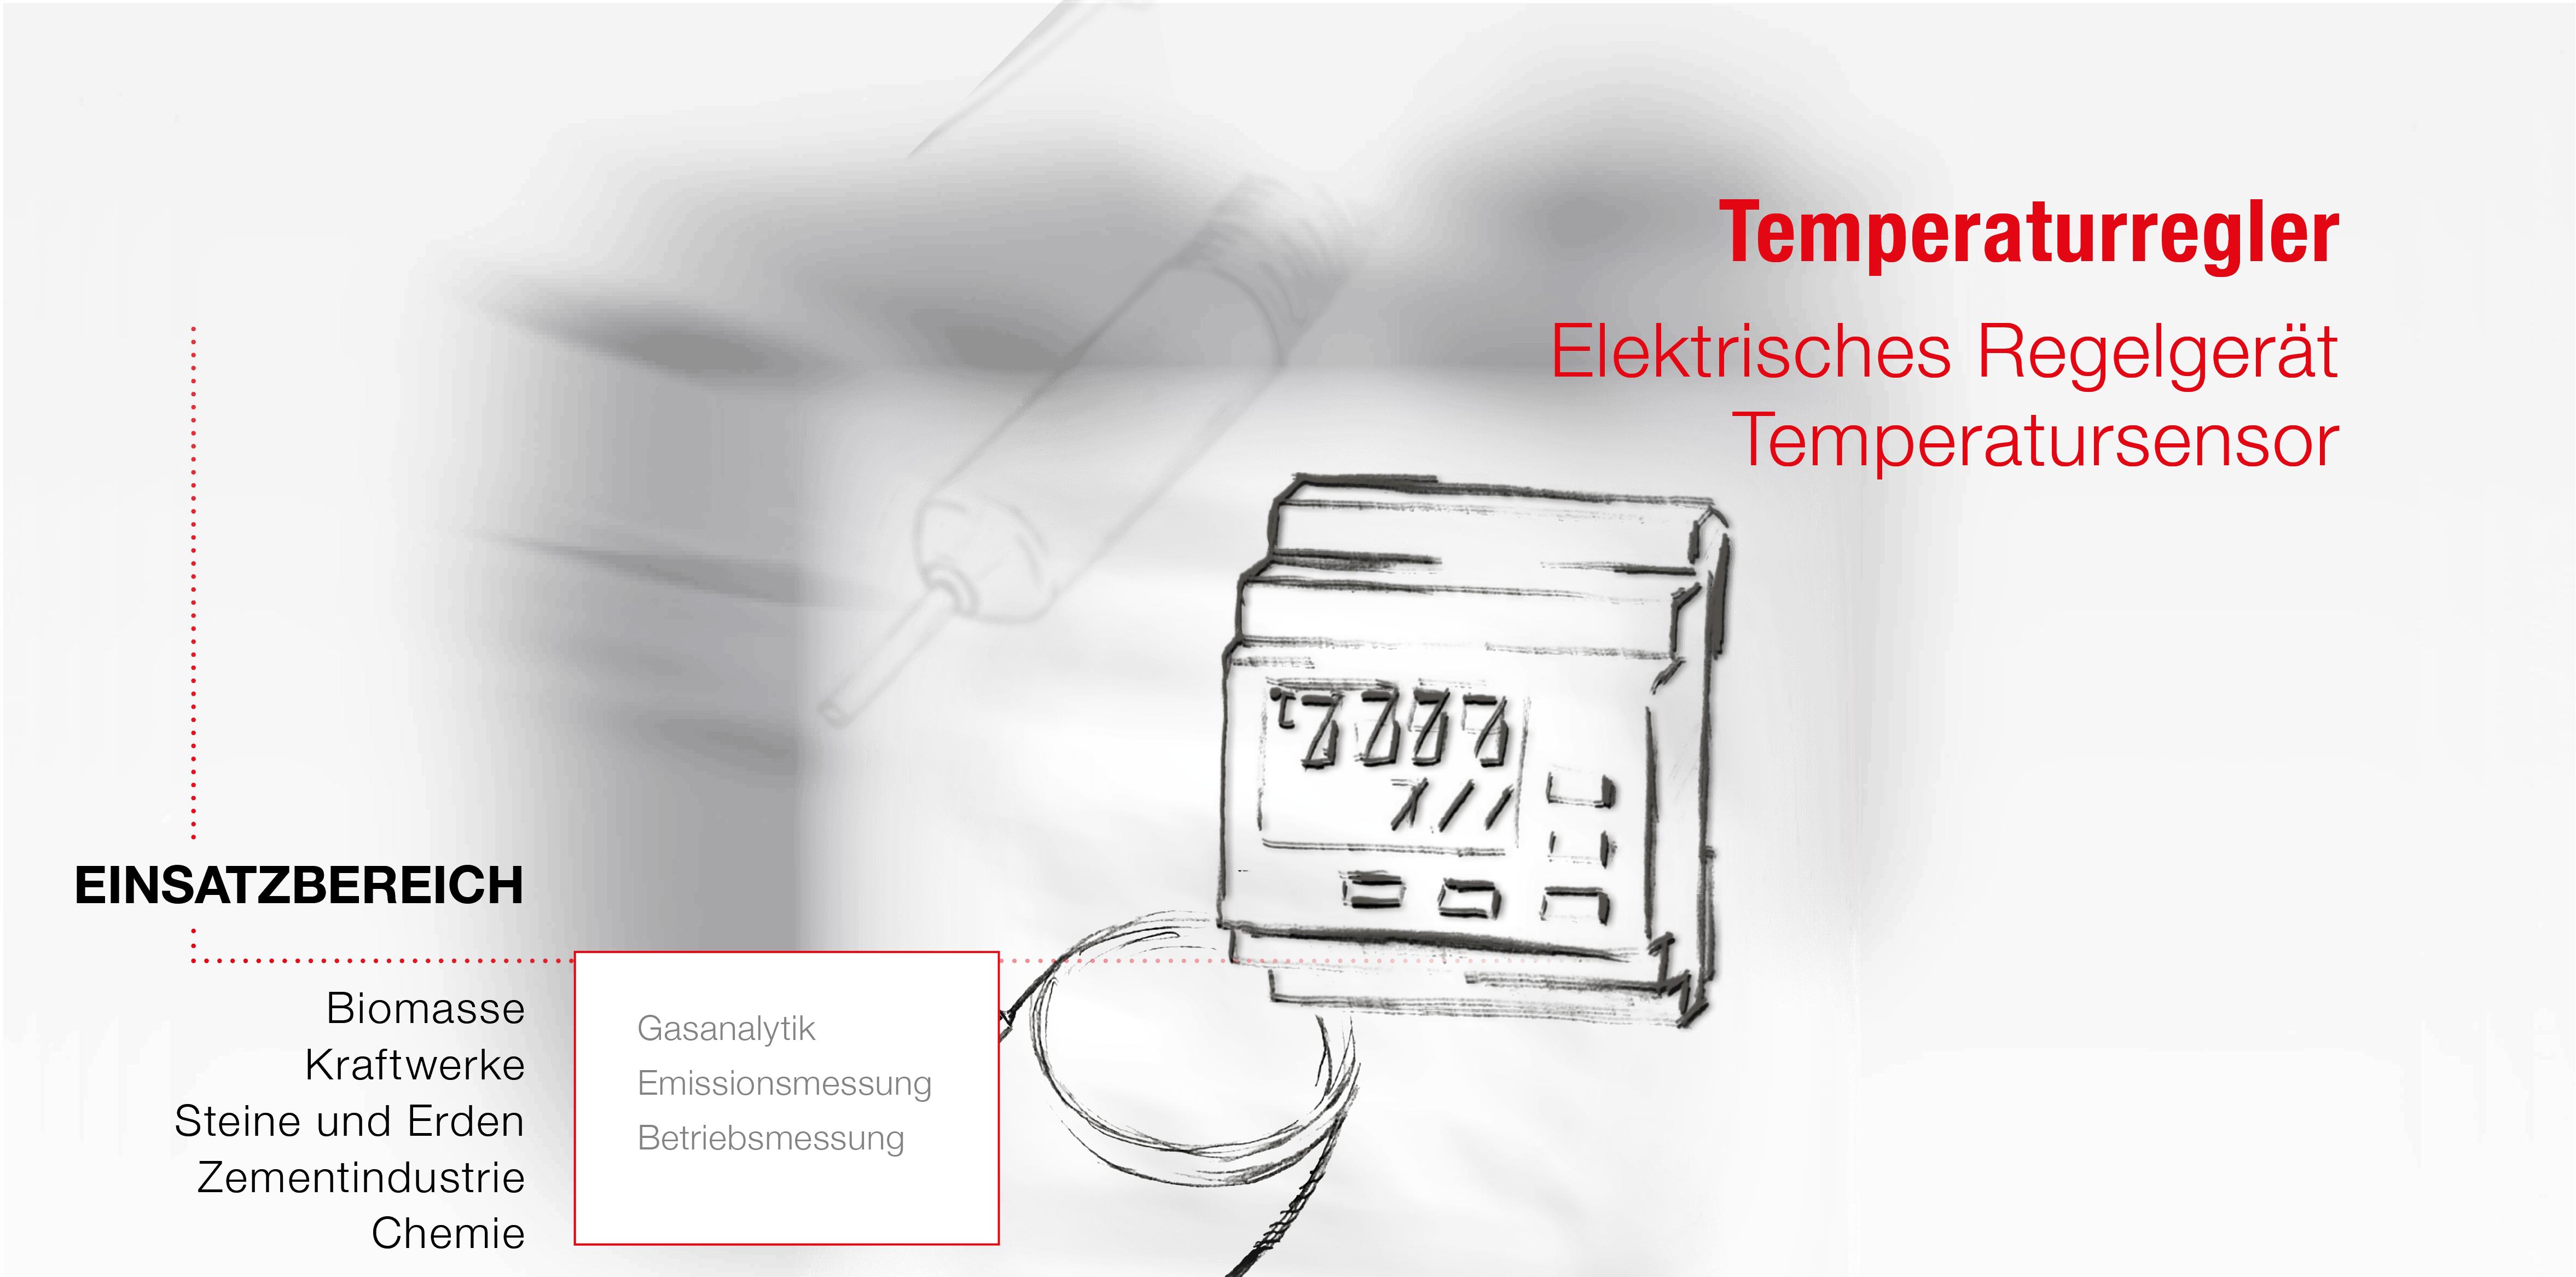 Zubehör für die Gasentnahmeleitung bei der Gasanalyse. Elektrisches Regelgerät und Temperatursensor als Zeichnung